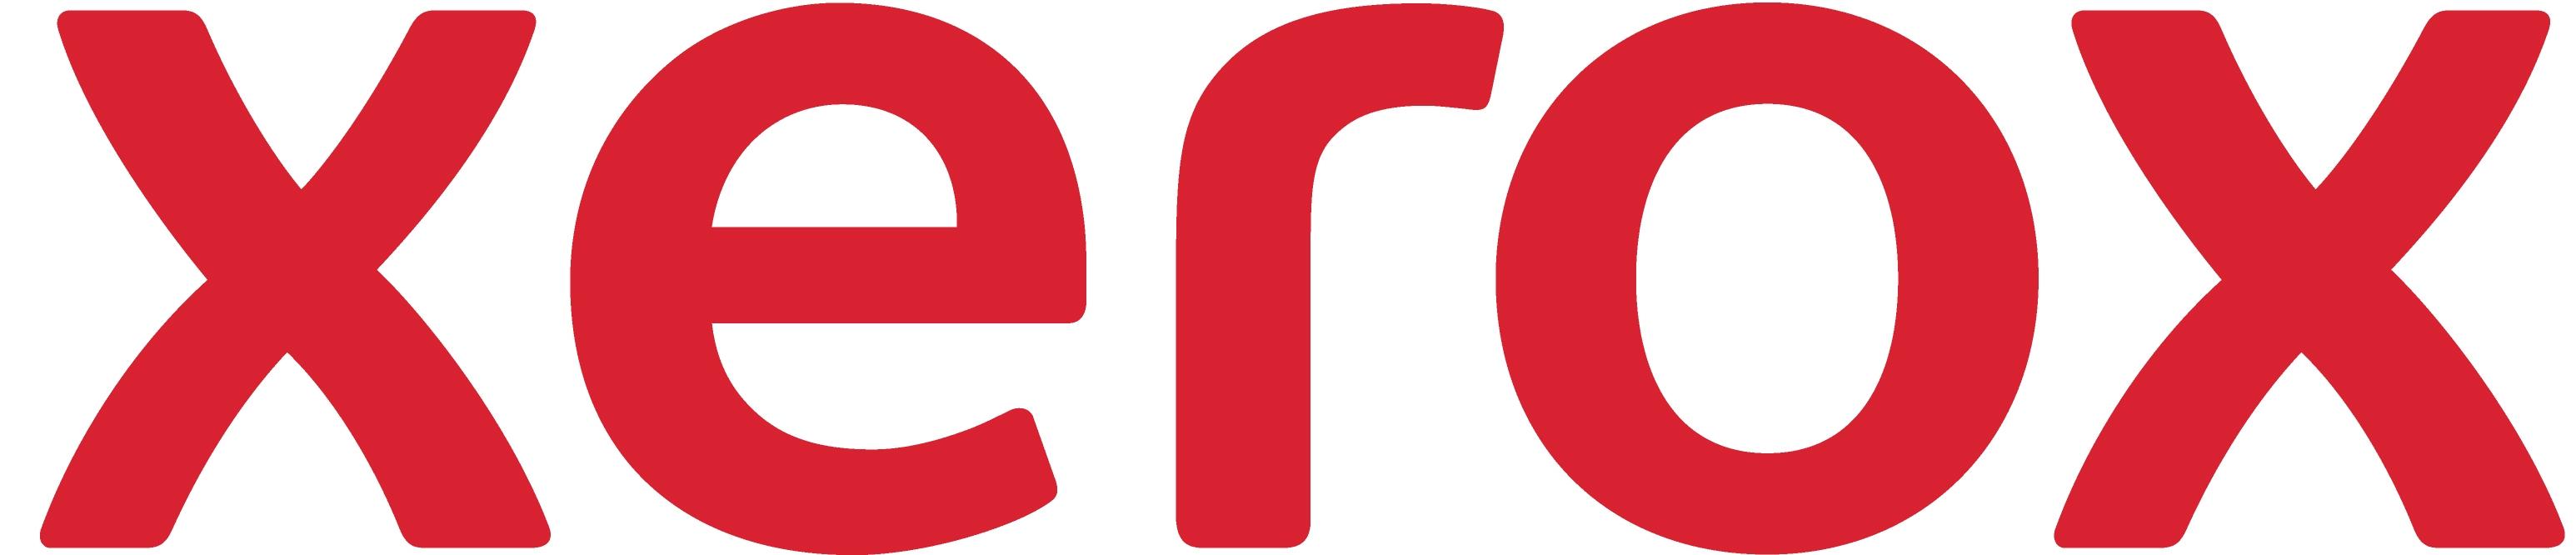 Xerox Logo Vector